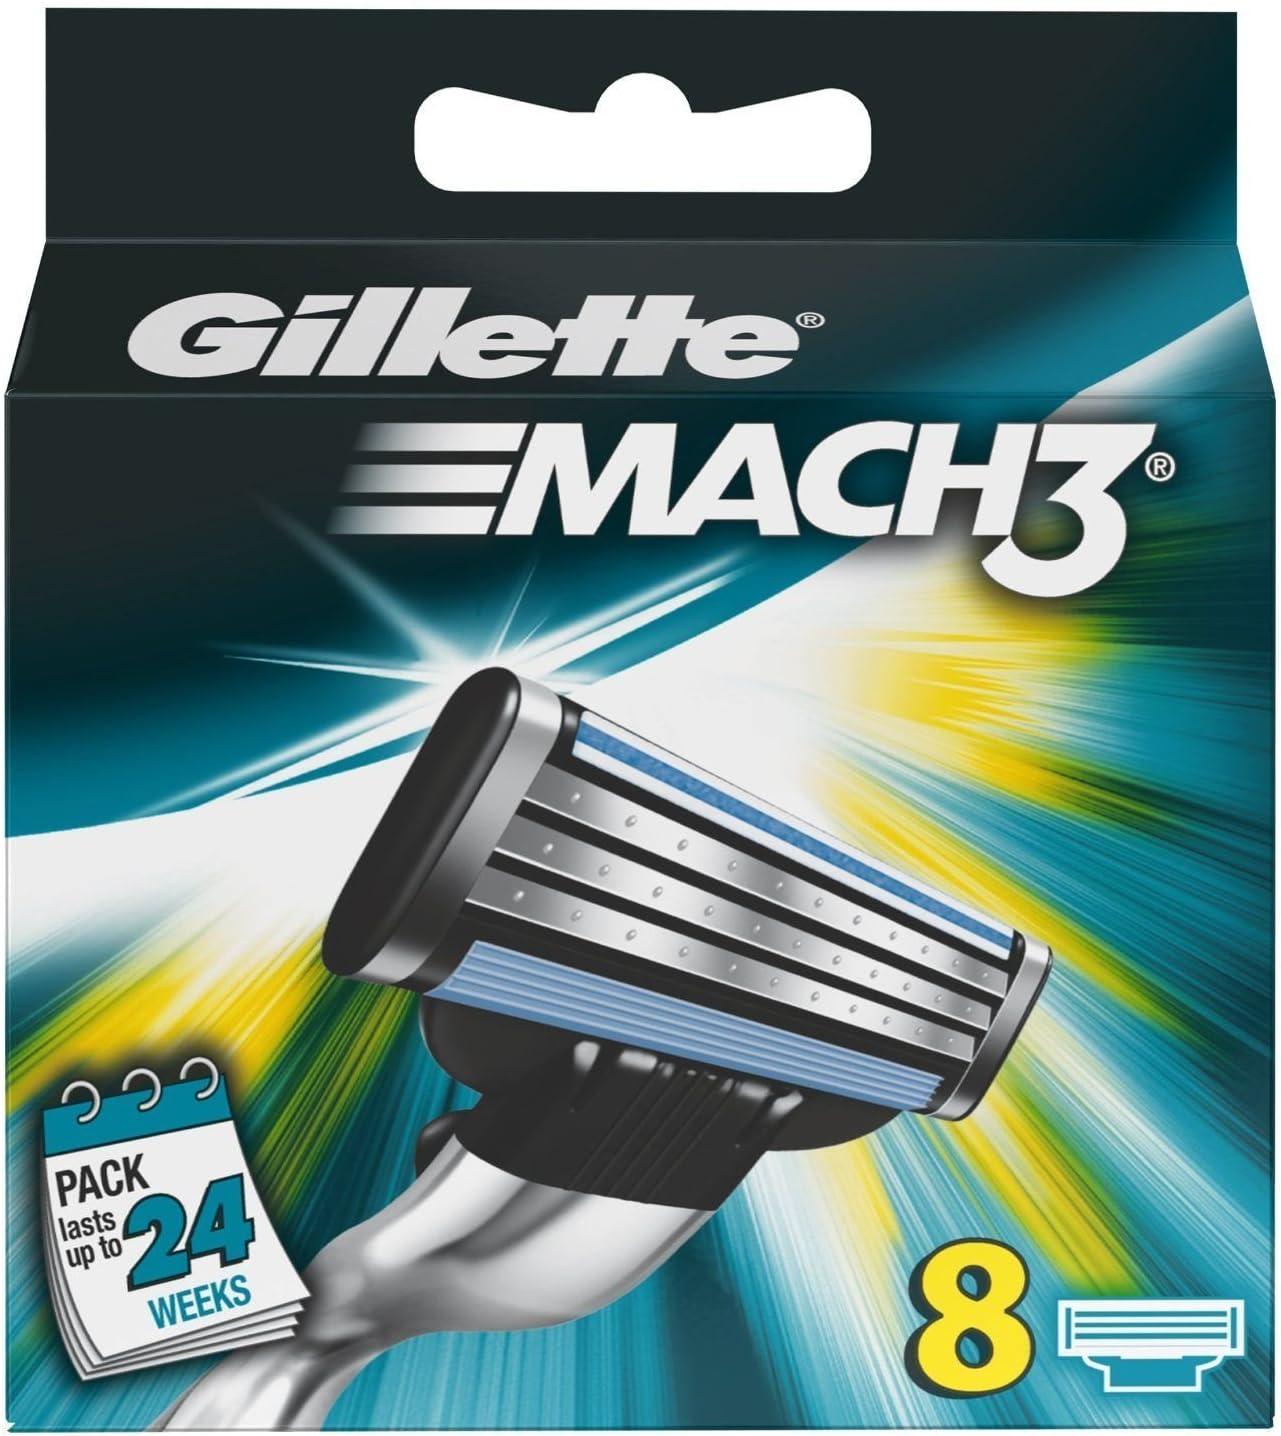 Gillette Gillette M3 Gillette Mach 3 Blades (Pack of 8): Amazon.es ...